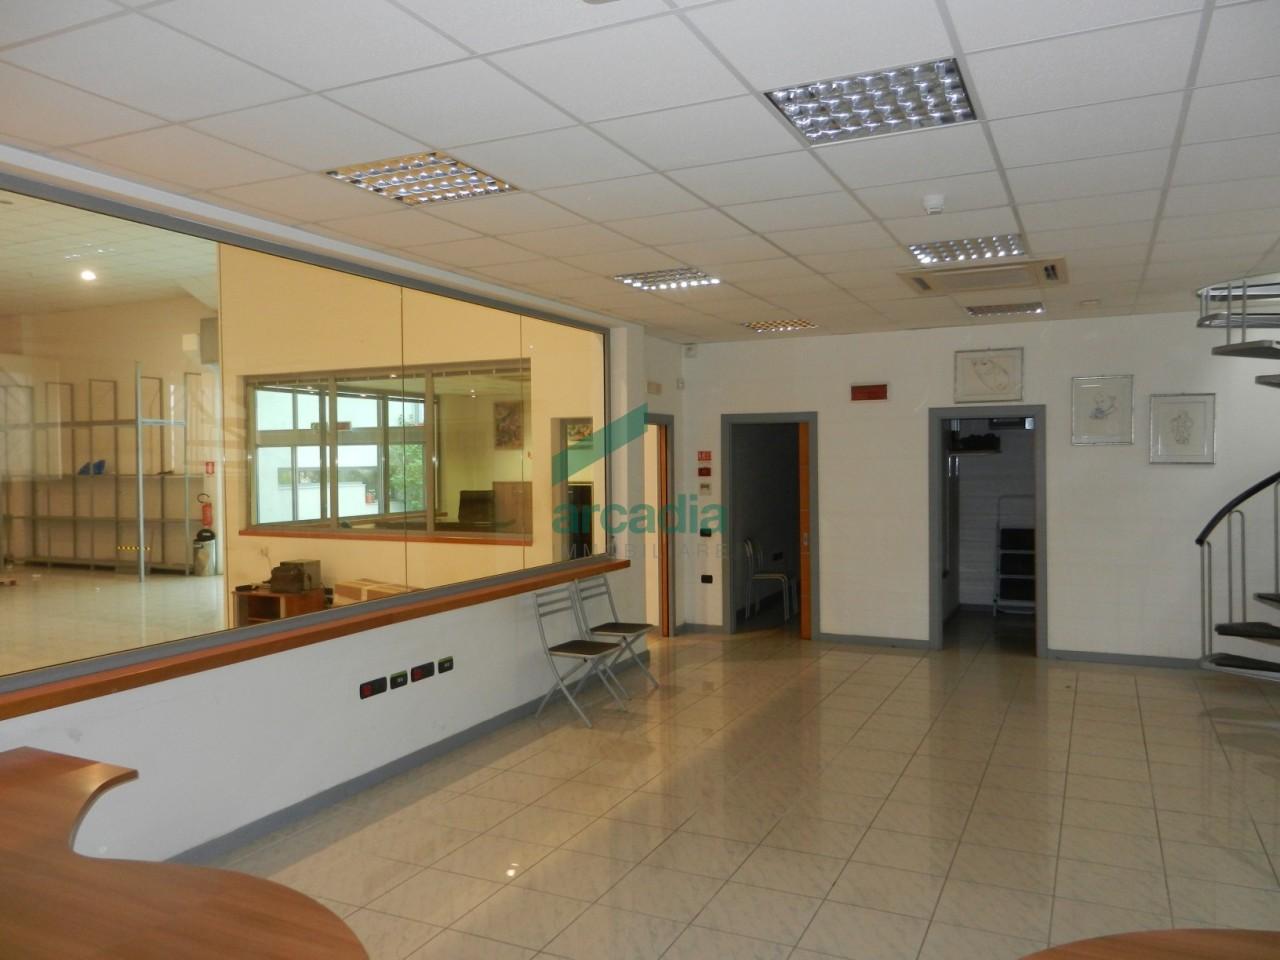 Capannone - Commerciale a Zona Industriale, Modugno Rif. 4140471